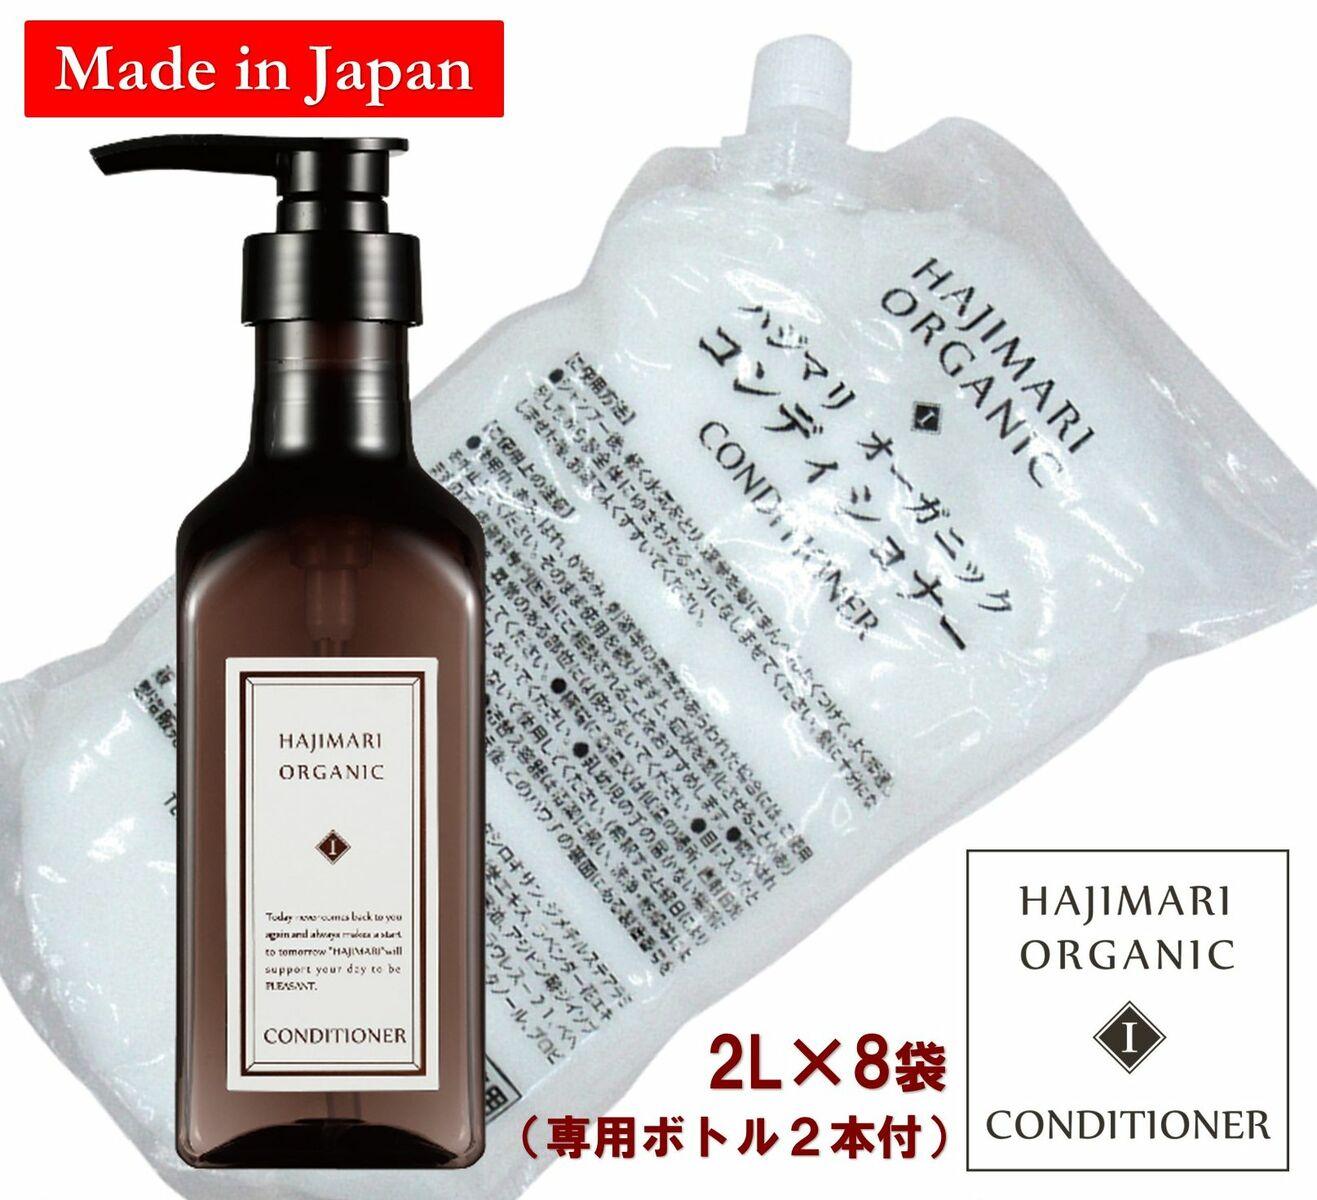 高級ホテル仕様の厳選されたオーガニック植物エキスを配合した爽やかな香りと使用感で心と身体にうれしいバスラインです 合成着色料 不使用 合成香料 極上 ハジマリ オーガニック コンディショナー HAJIMARI ORGANIC 2020A W新作送料無料 日本製 + 2L ×8袋 パウチ 2本天然由来 アルコールフリー 植物エキス 海外輸入 400ml 専用空容器